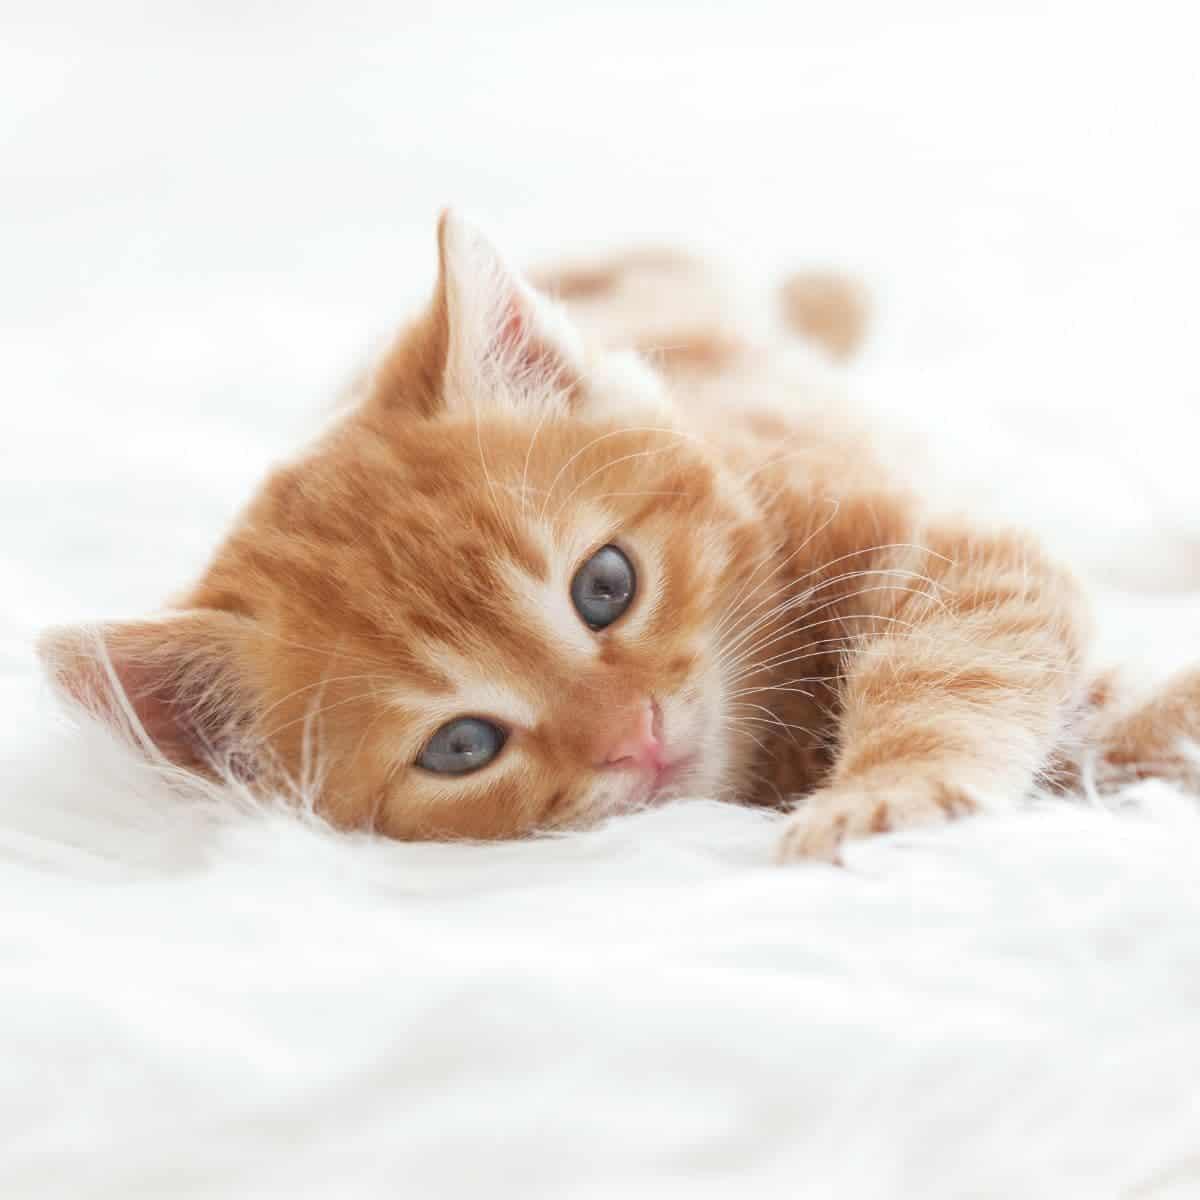 Orange kitten laying on a white fur blanket.